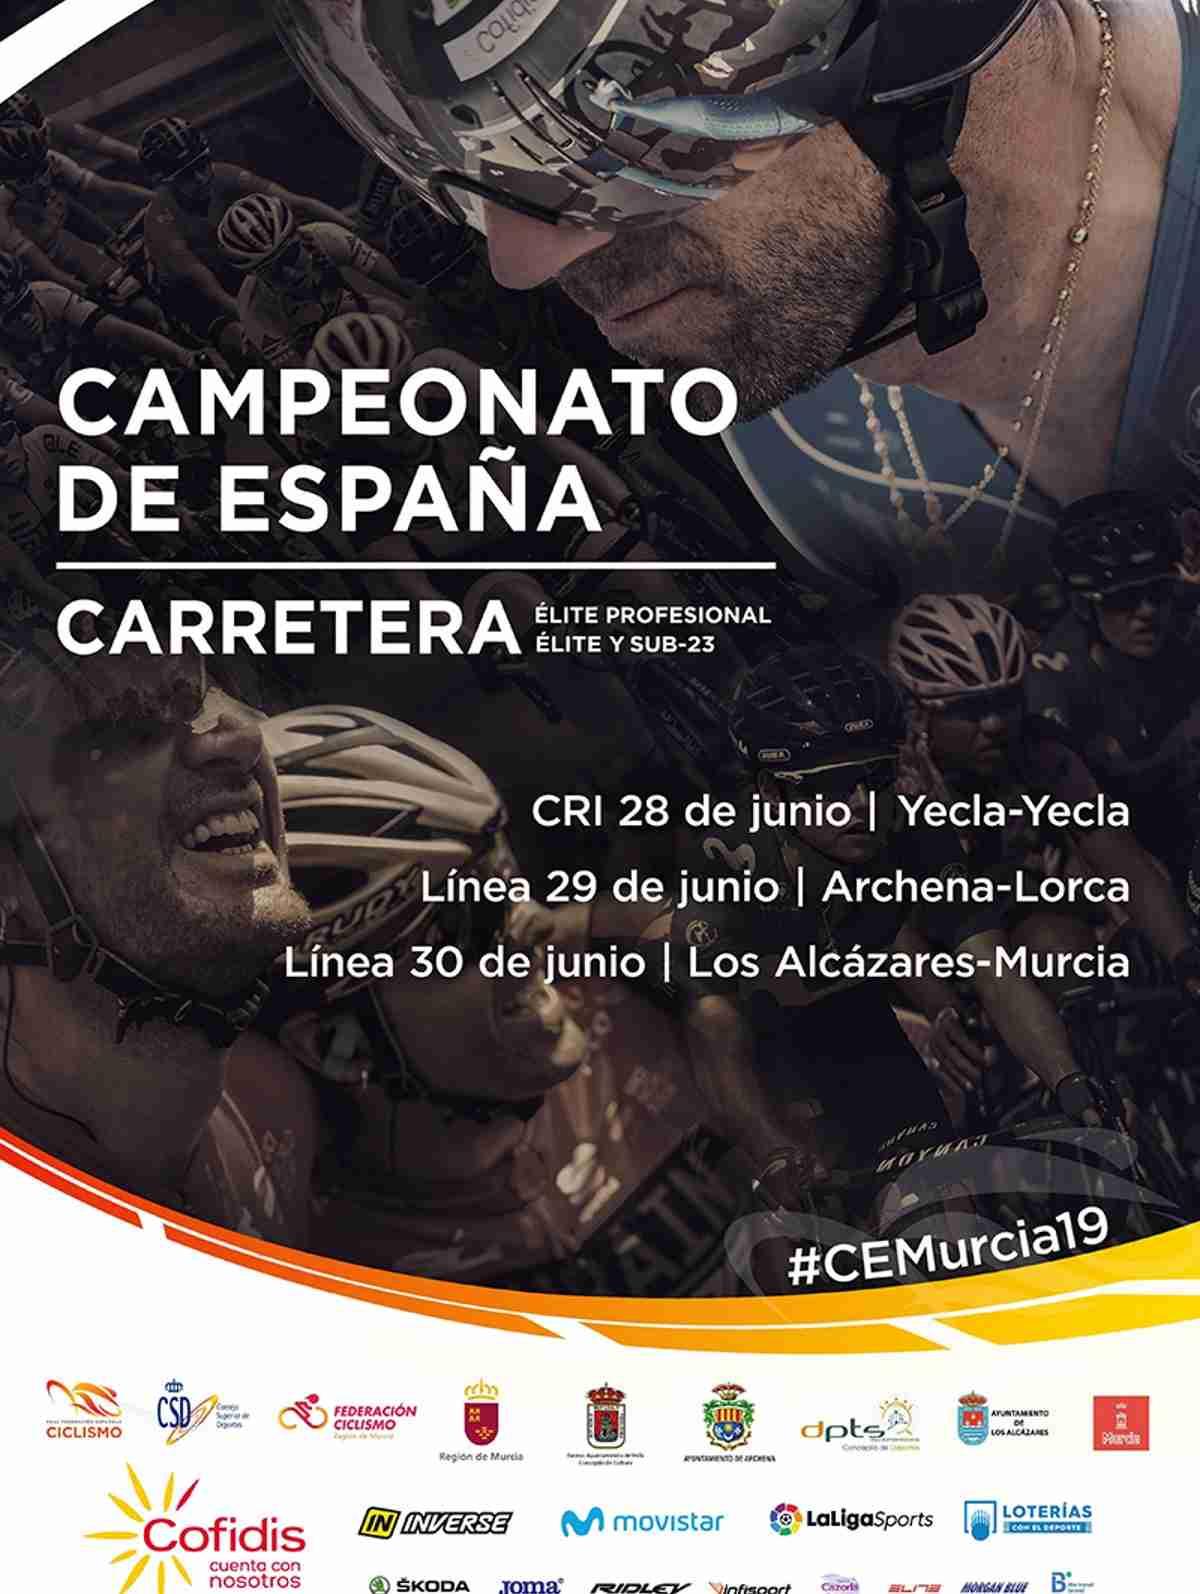 La selección de Castilla-La Mancha sub23 disputará el Campeonato de España de Carretera 2019 1